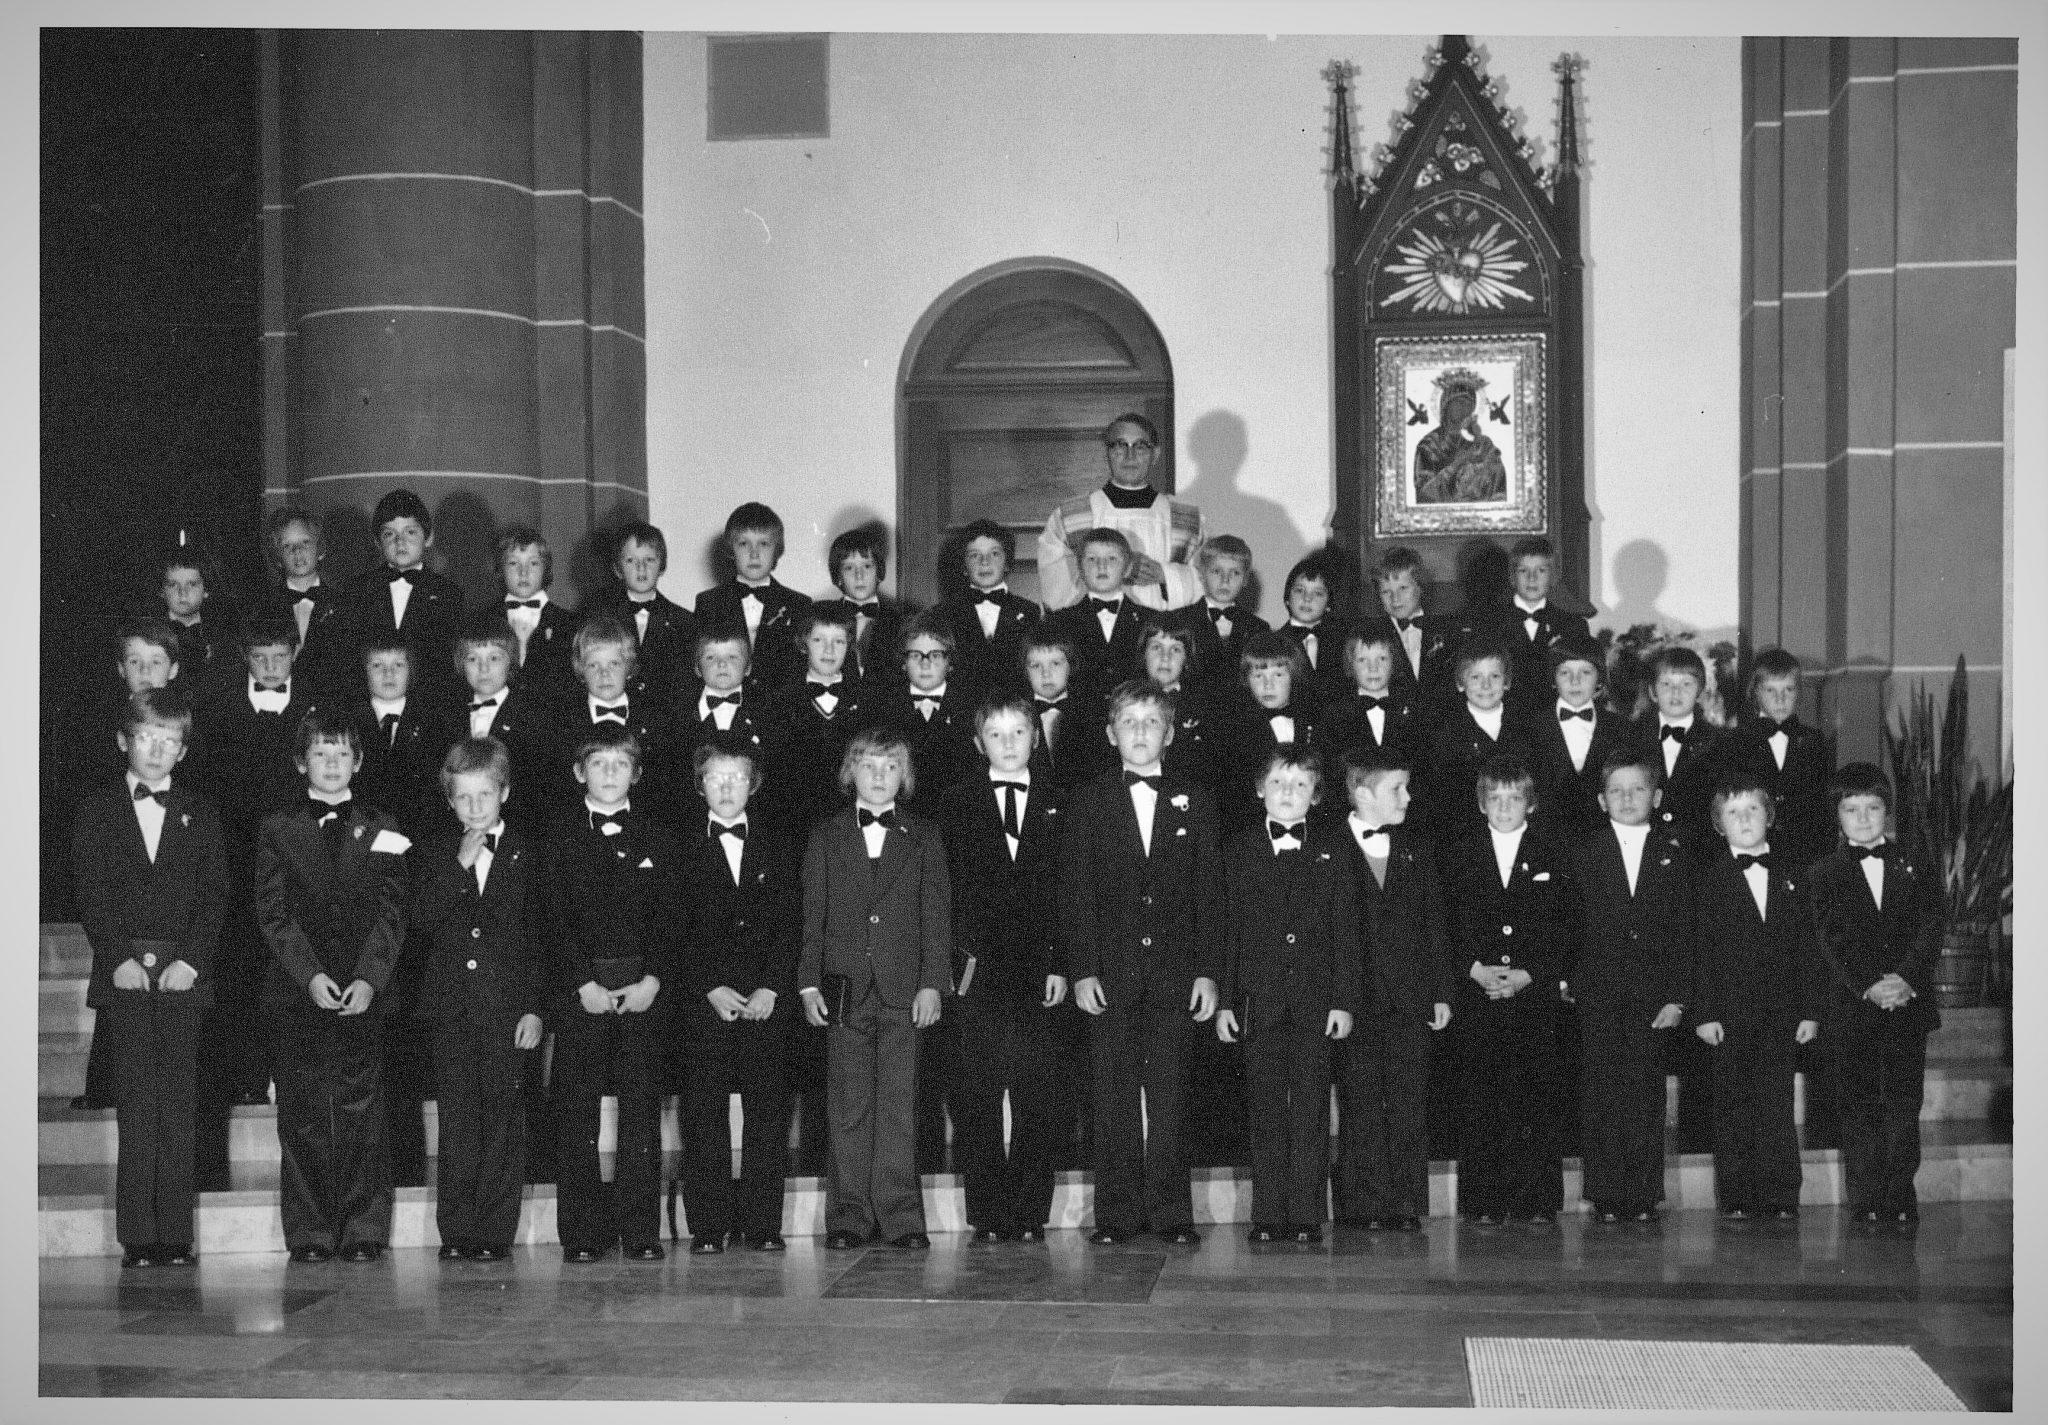 Erstkommunion früher und heute - region, region-wi-me-ha, medebach